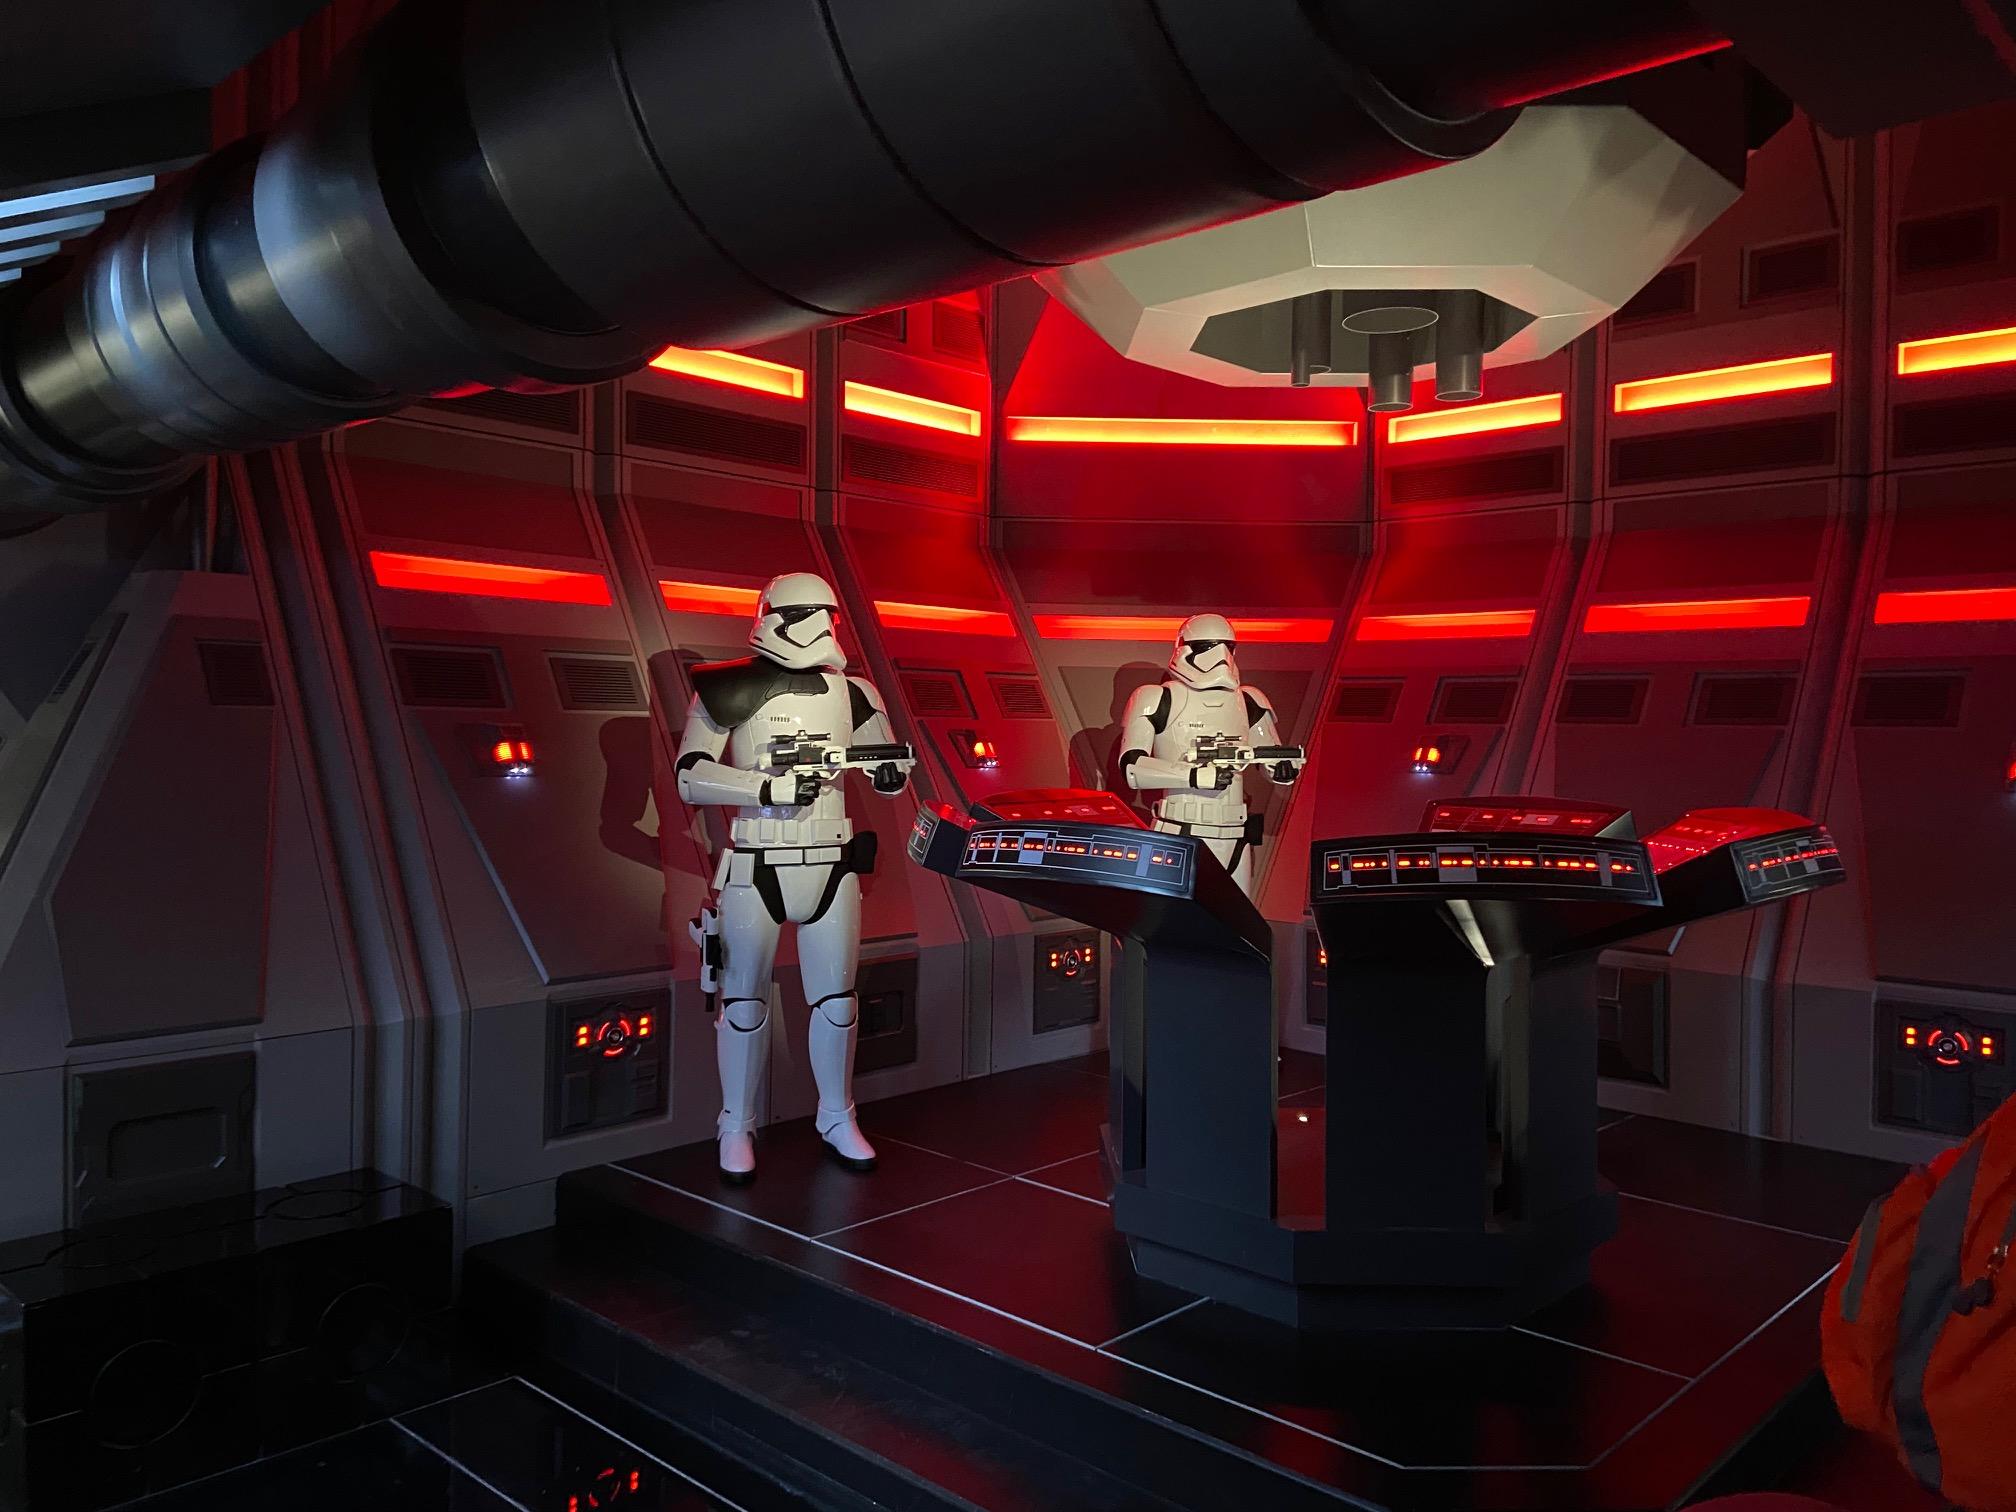 REVIEW: Disney's Star Wars: Rise of the Resistance is a theme park  masterpiece - Theme Park Tribune, theme park news